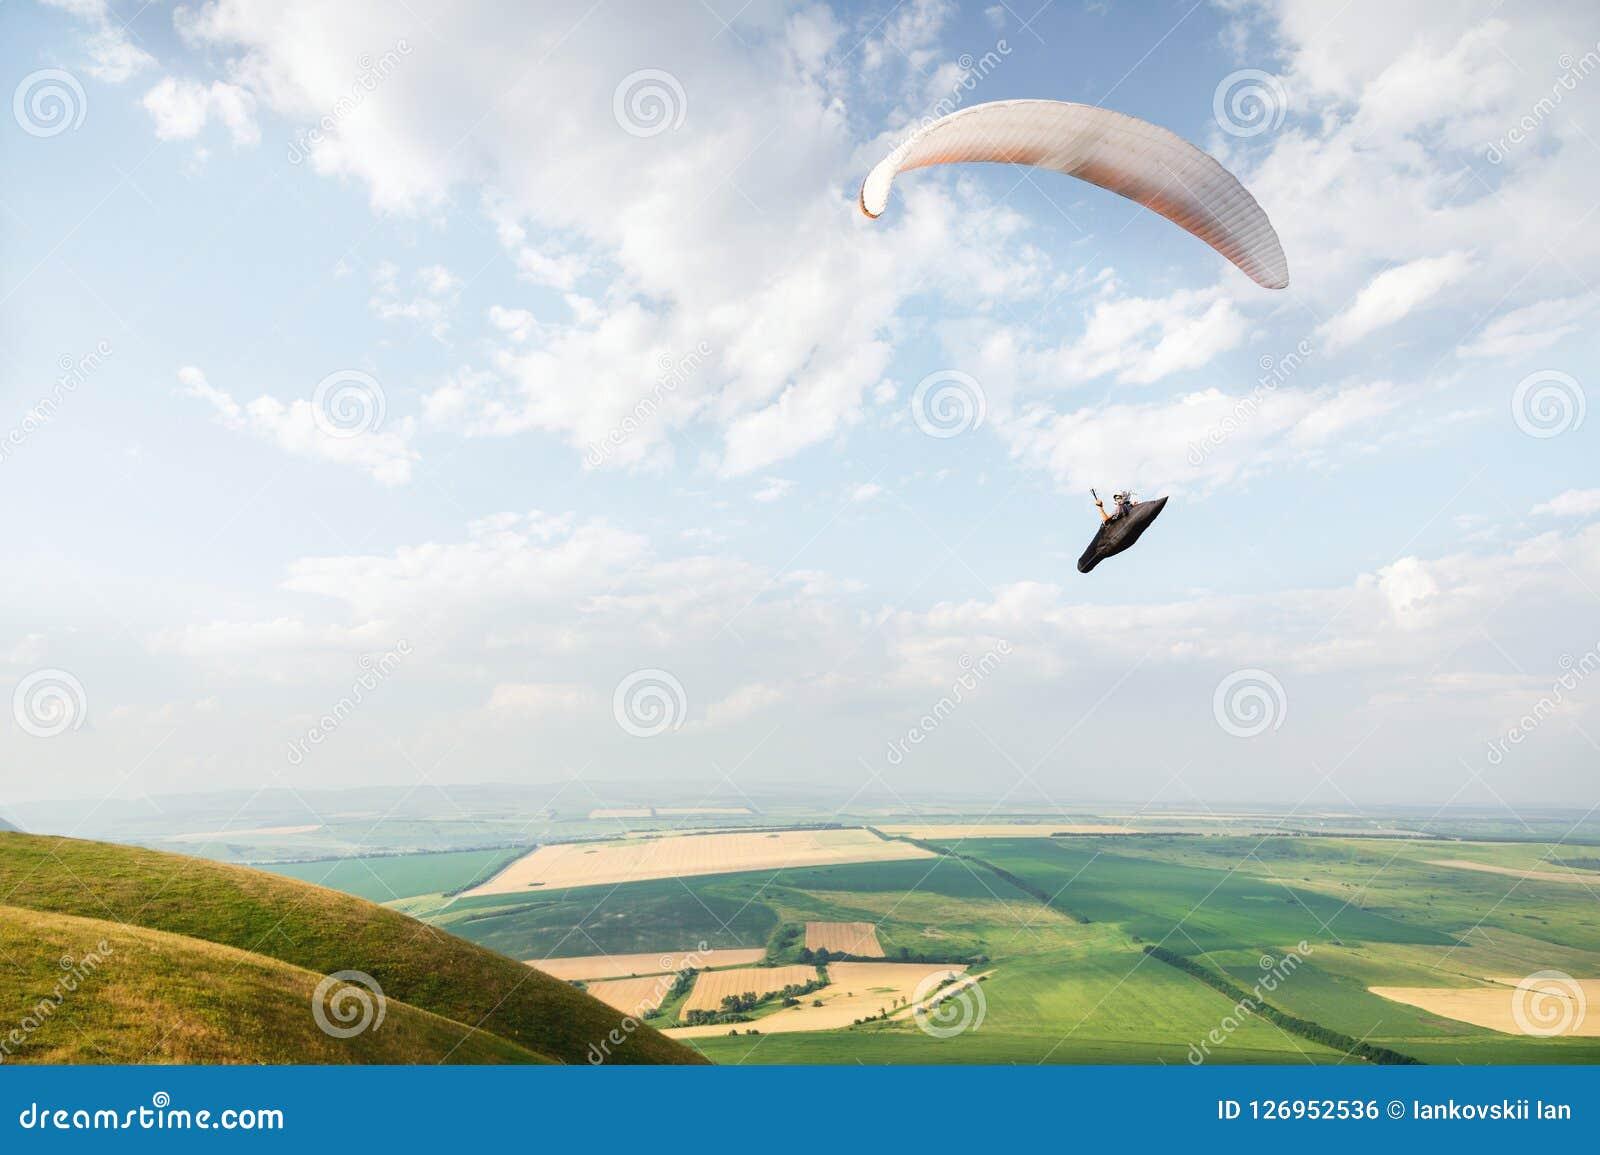 白橙色滑翔伞飞行在山岭地区